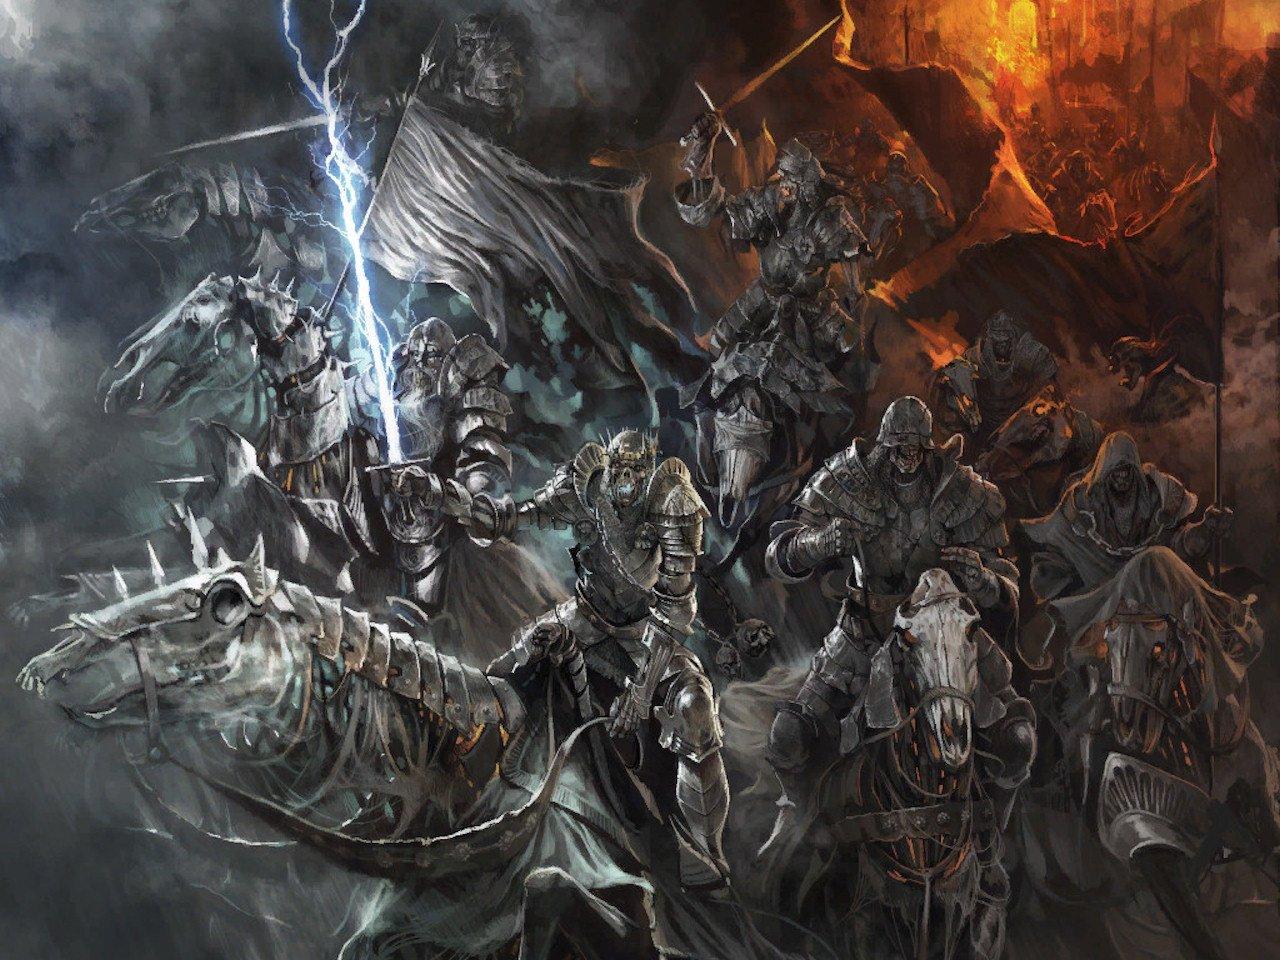 The Witcher 3: Wild Hunt. В ожидании игры.    Пока мы все с нетерпением ждем выхода игры, предлагаю тем кто мало чег ... - Изображение 10